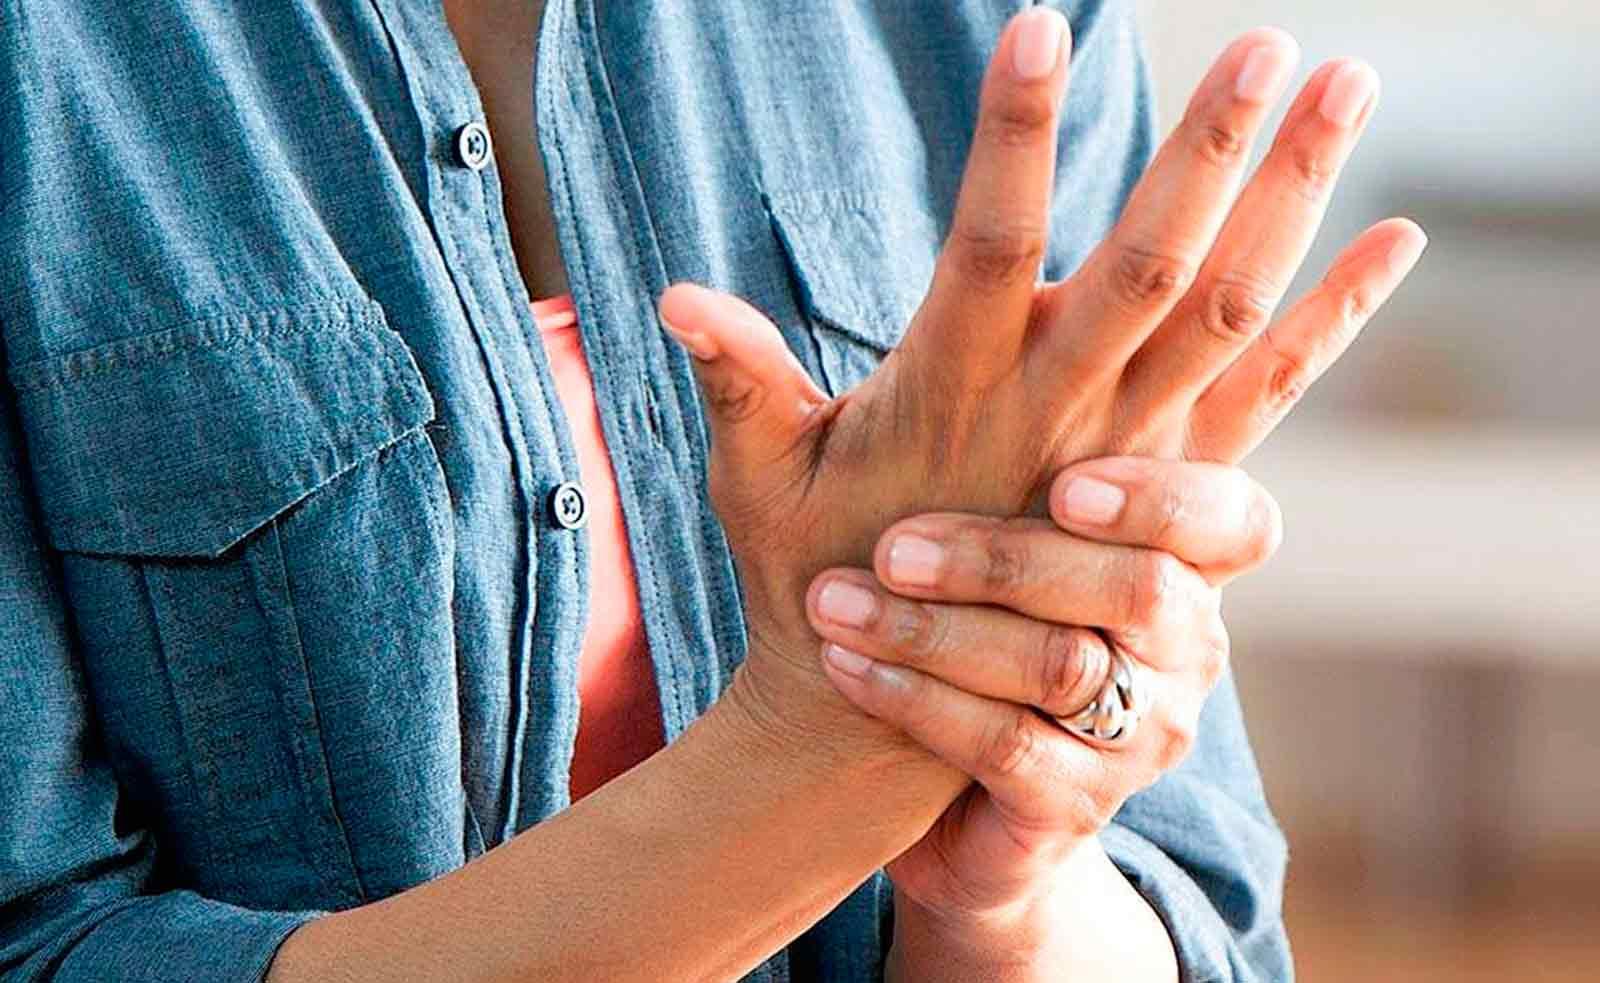 La artritis es una enfermedad que afecta directamente las articulaciones